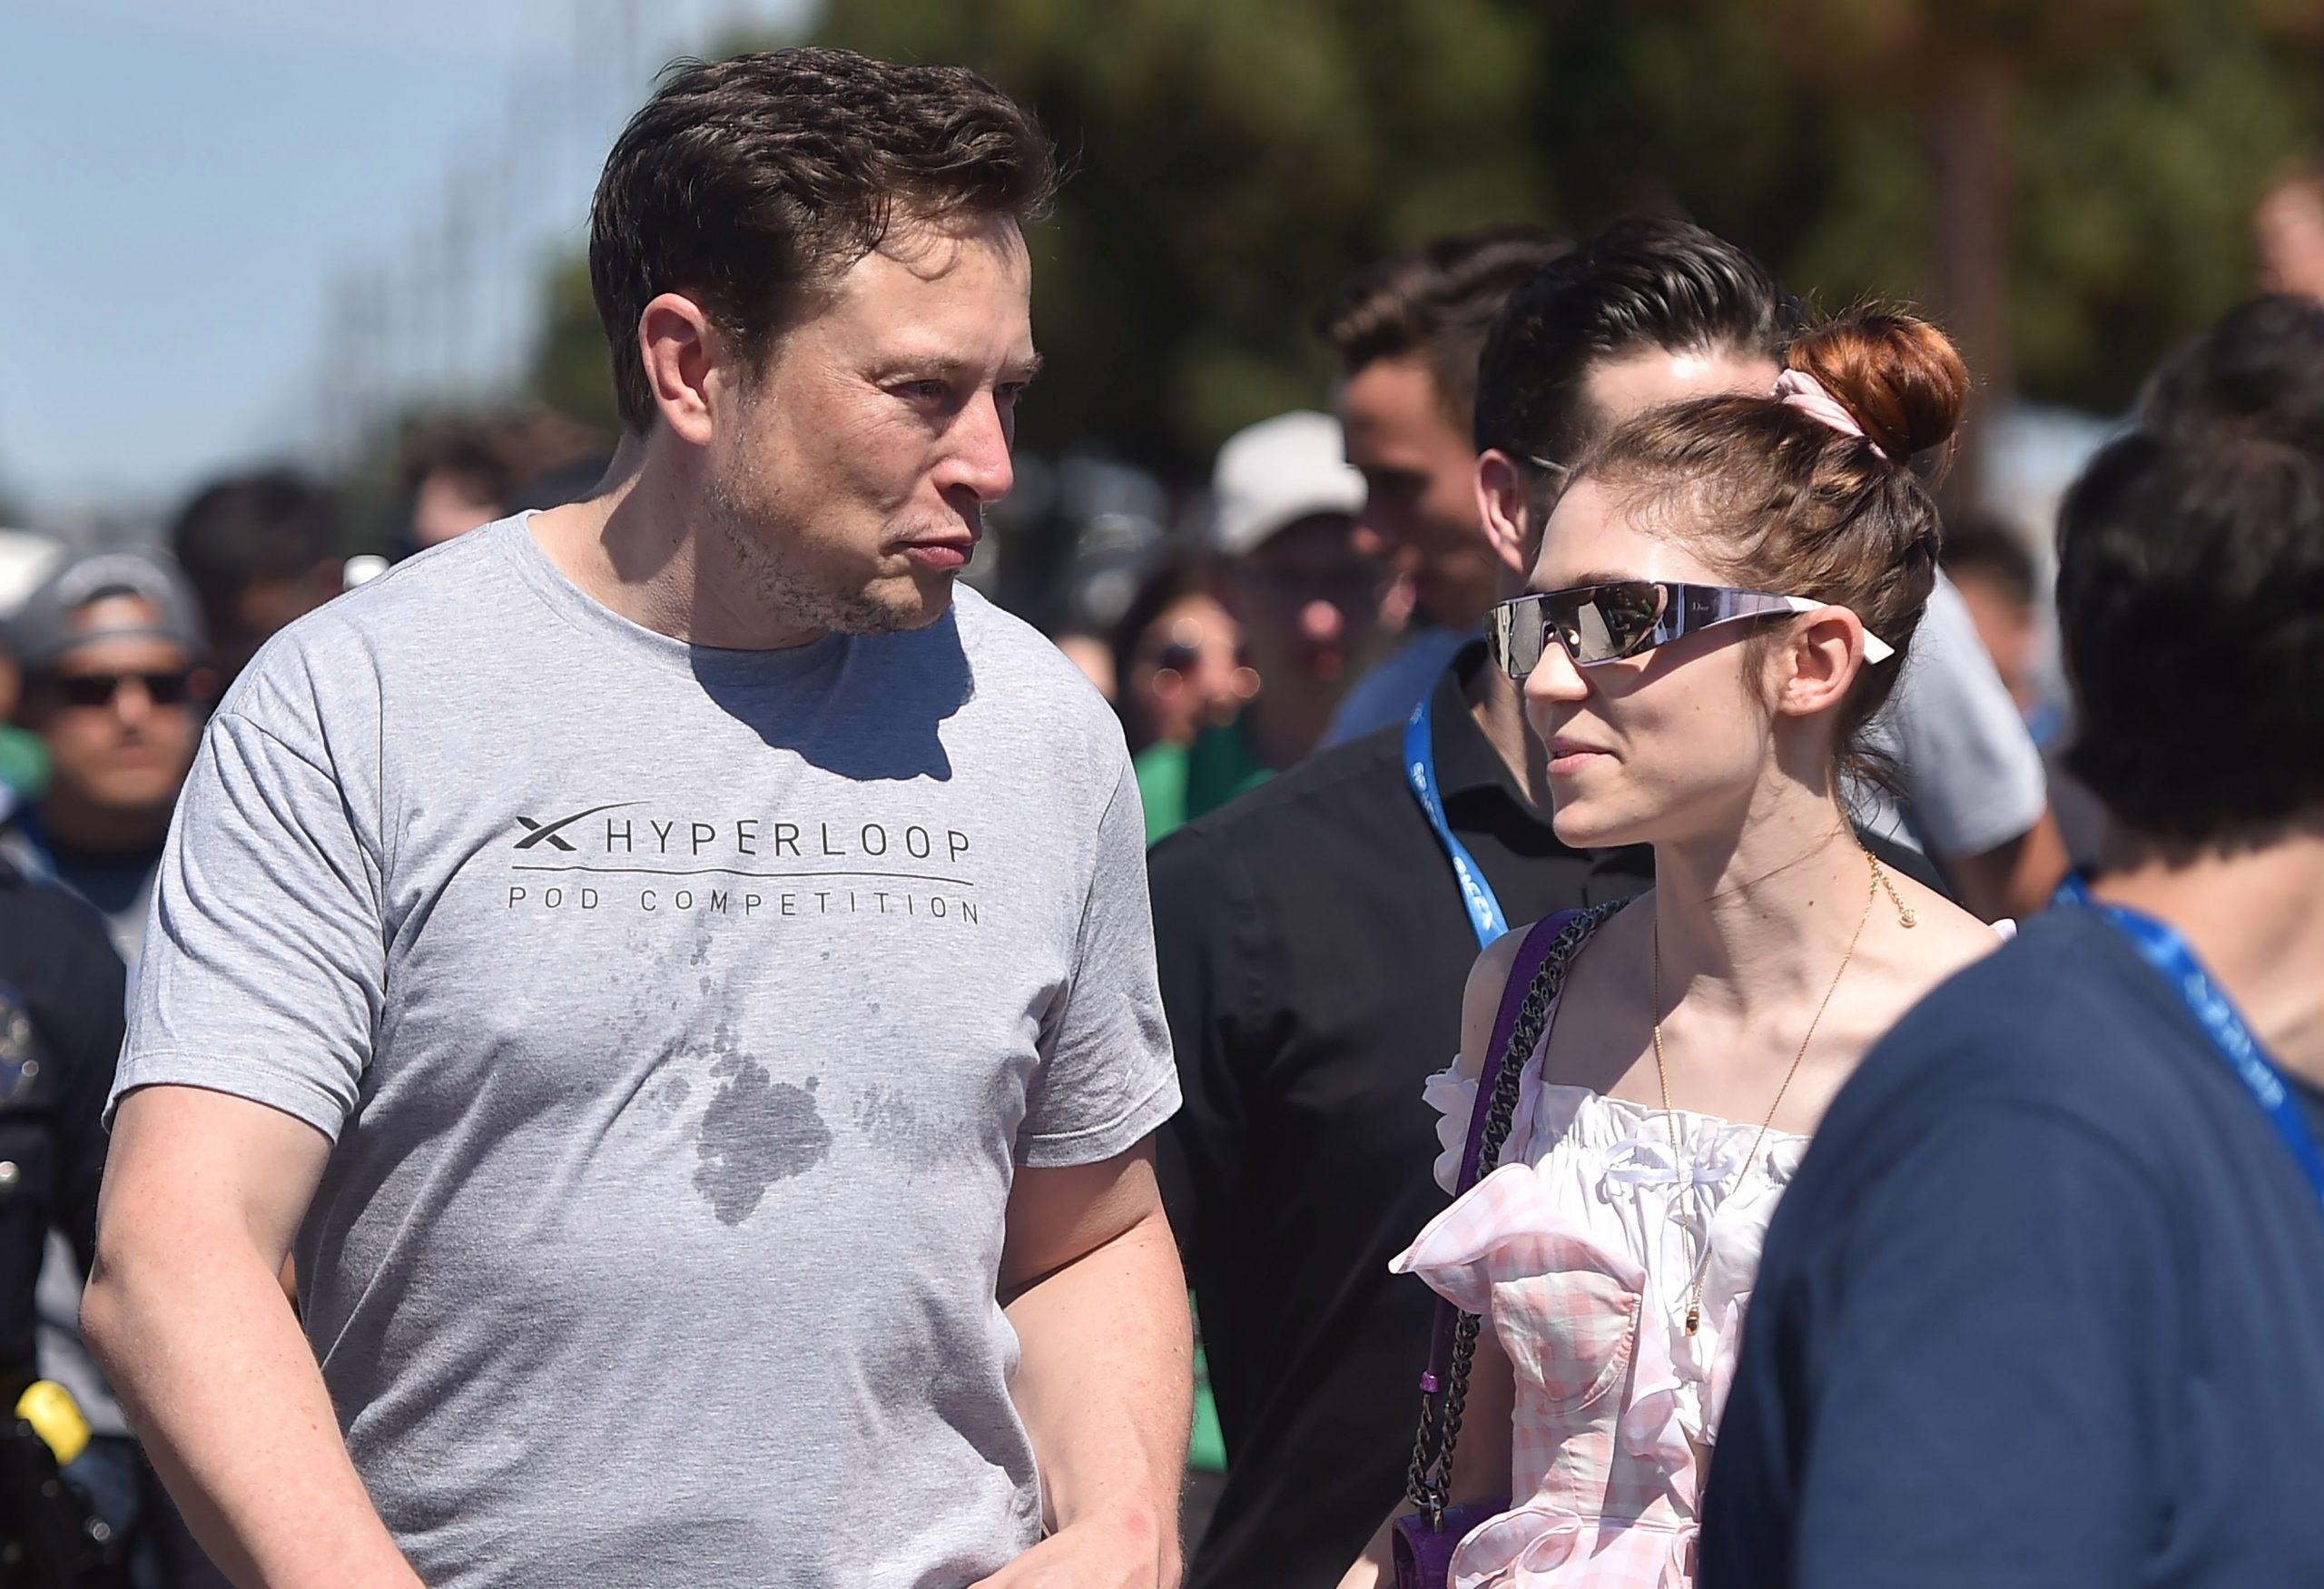 Elon Musk's partner's mother blasts him over red pill tweet